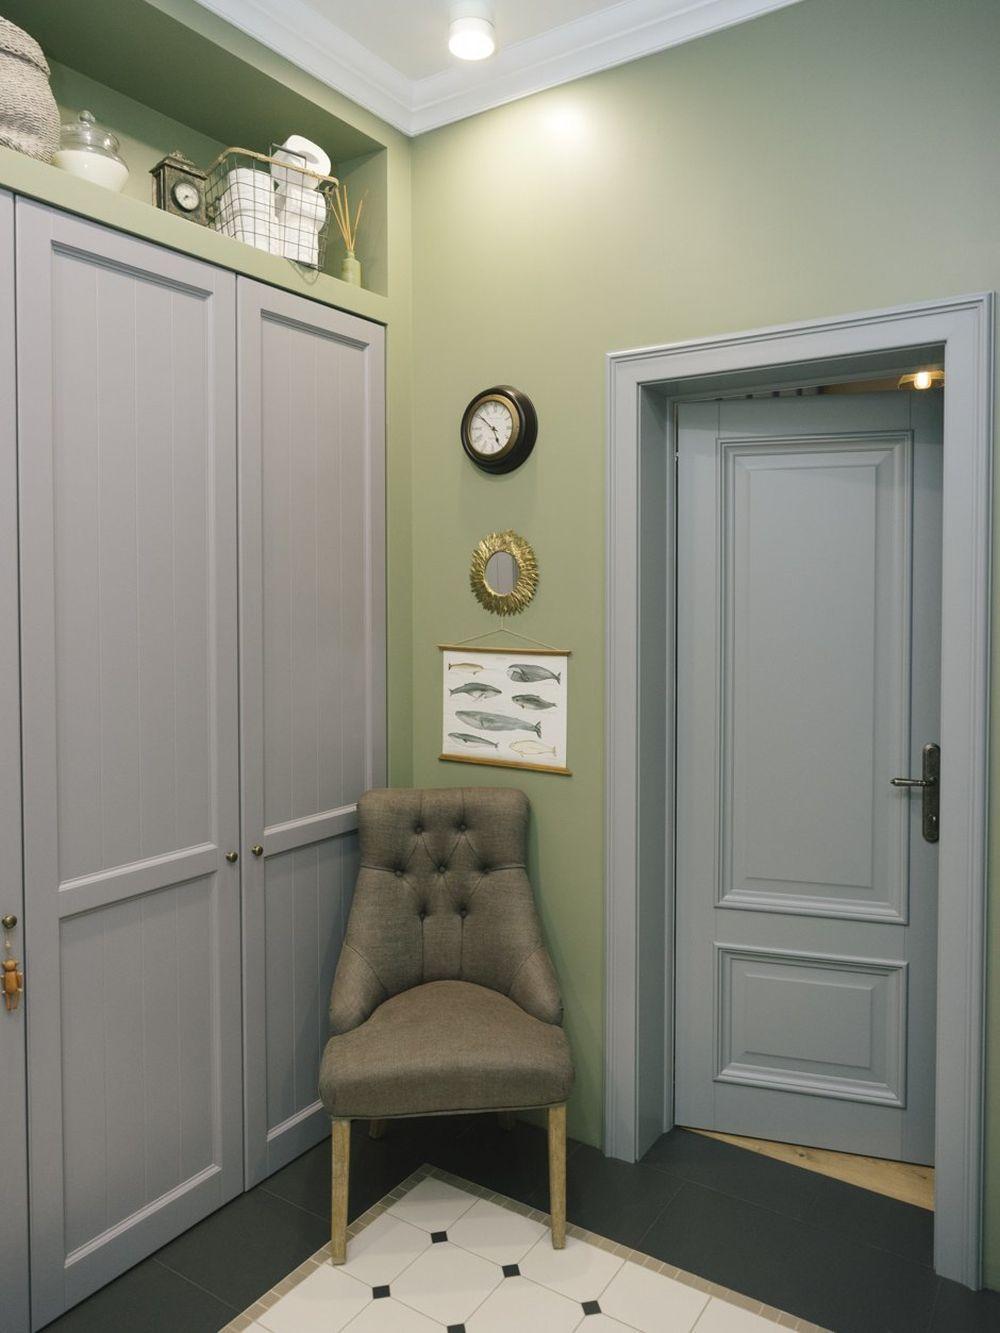 adelaparvu.com despre apartament 2 camere, 72 mp, Rusia, design Zi Design, Foto Polina Rukavichkina (2)